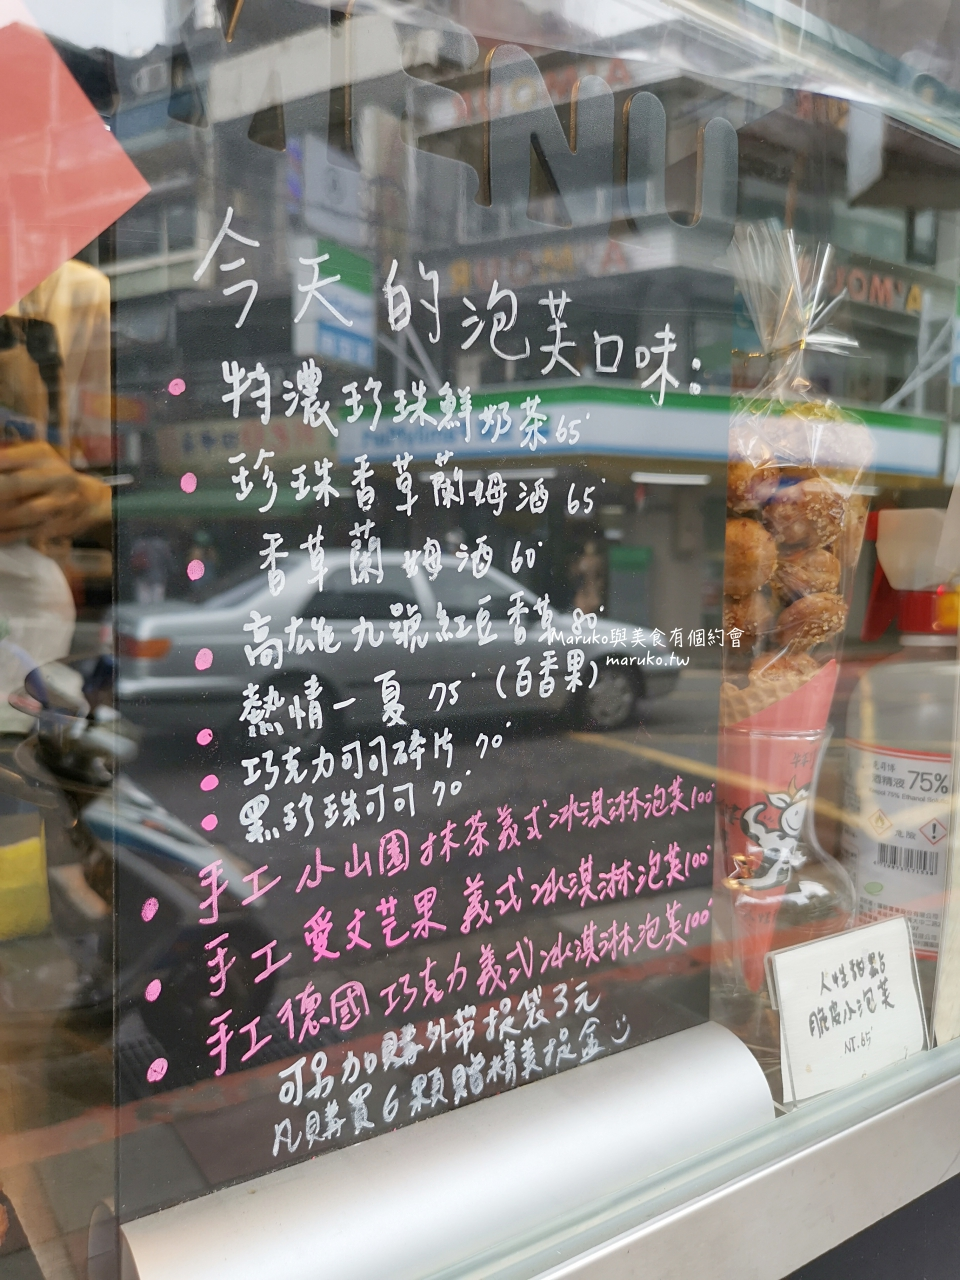 【台北】人性甜點泡芙專賣店 最迷你的泡芙點心店 捷運公館站美食 @Maruko與美食有個約會